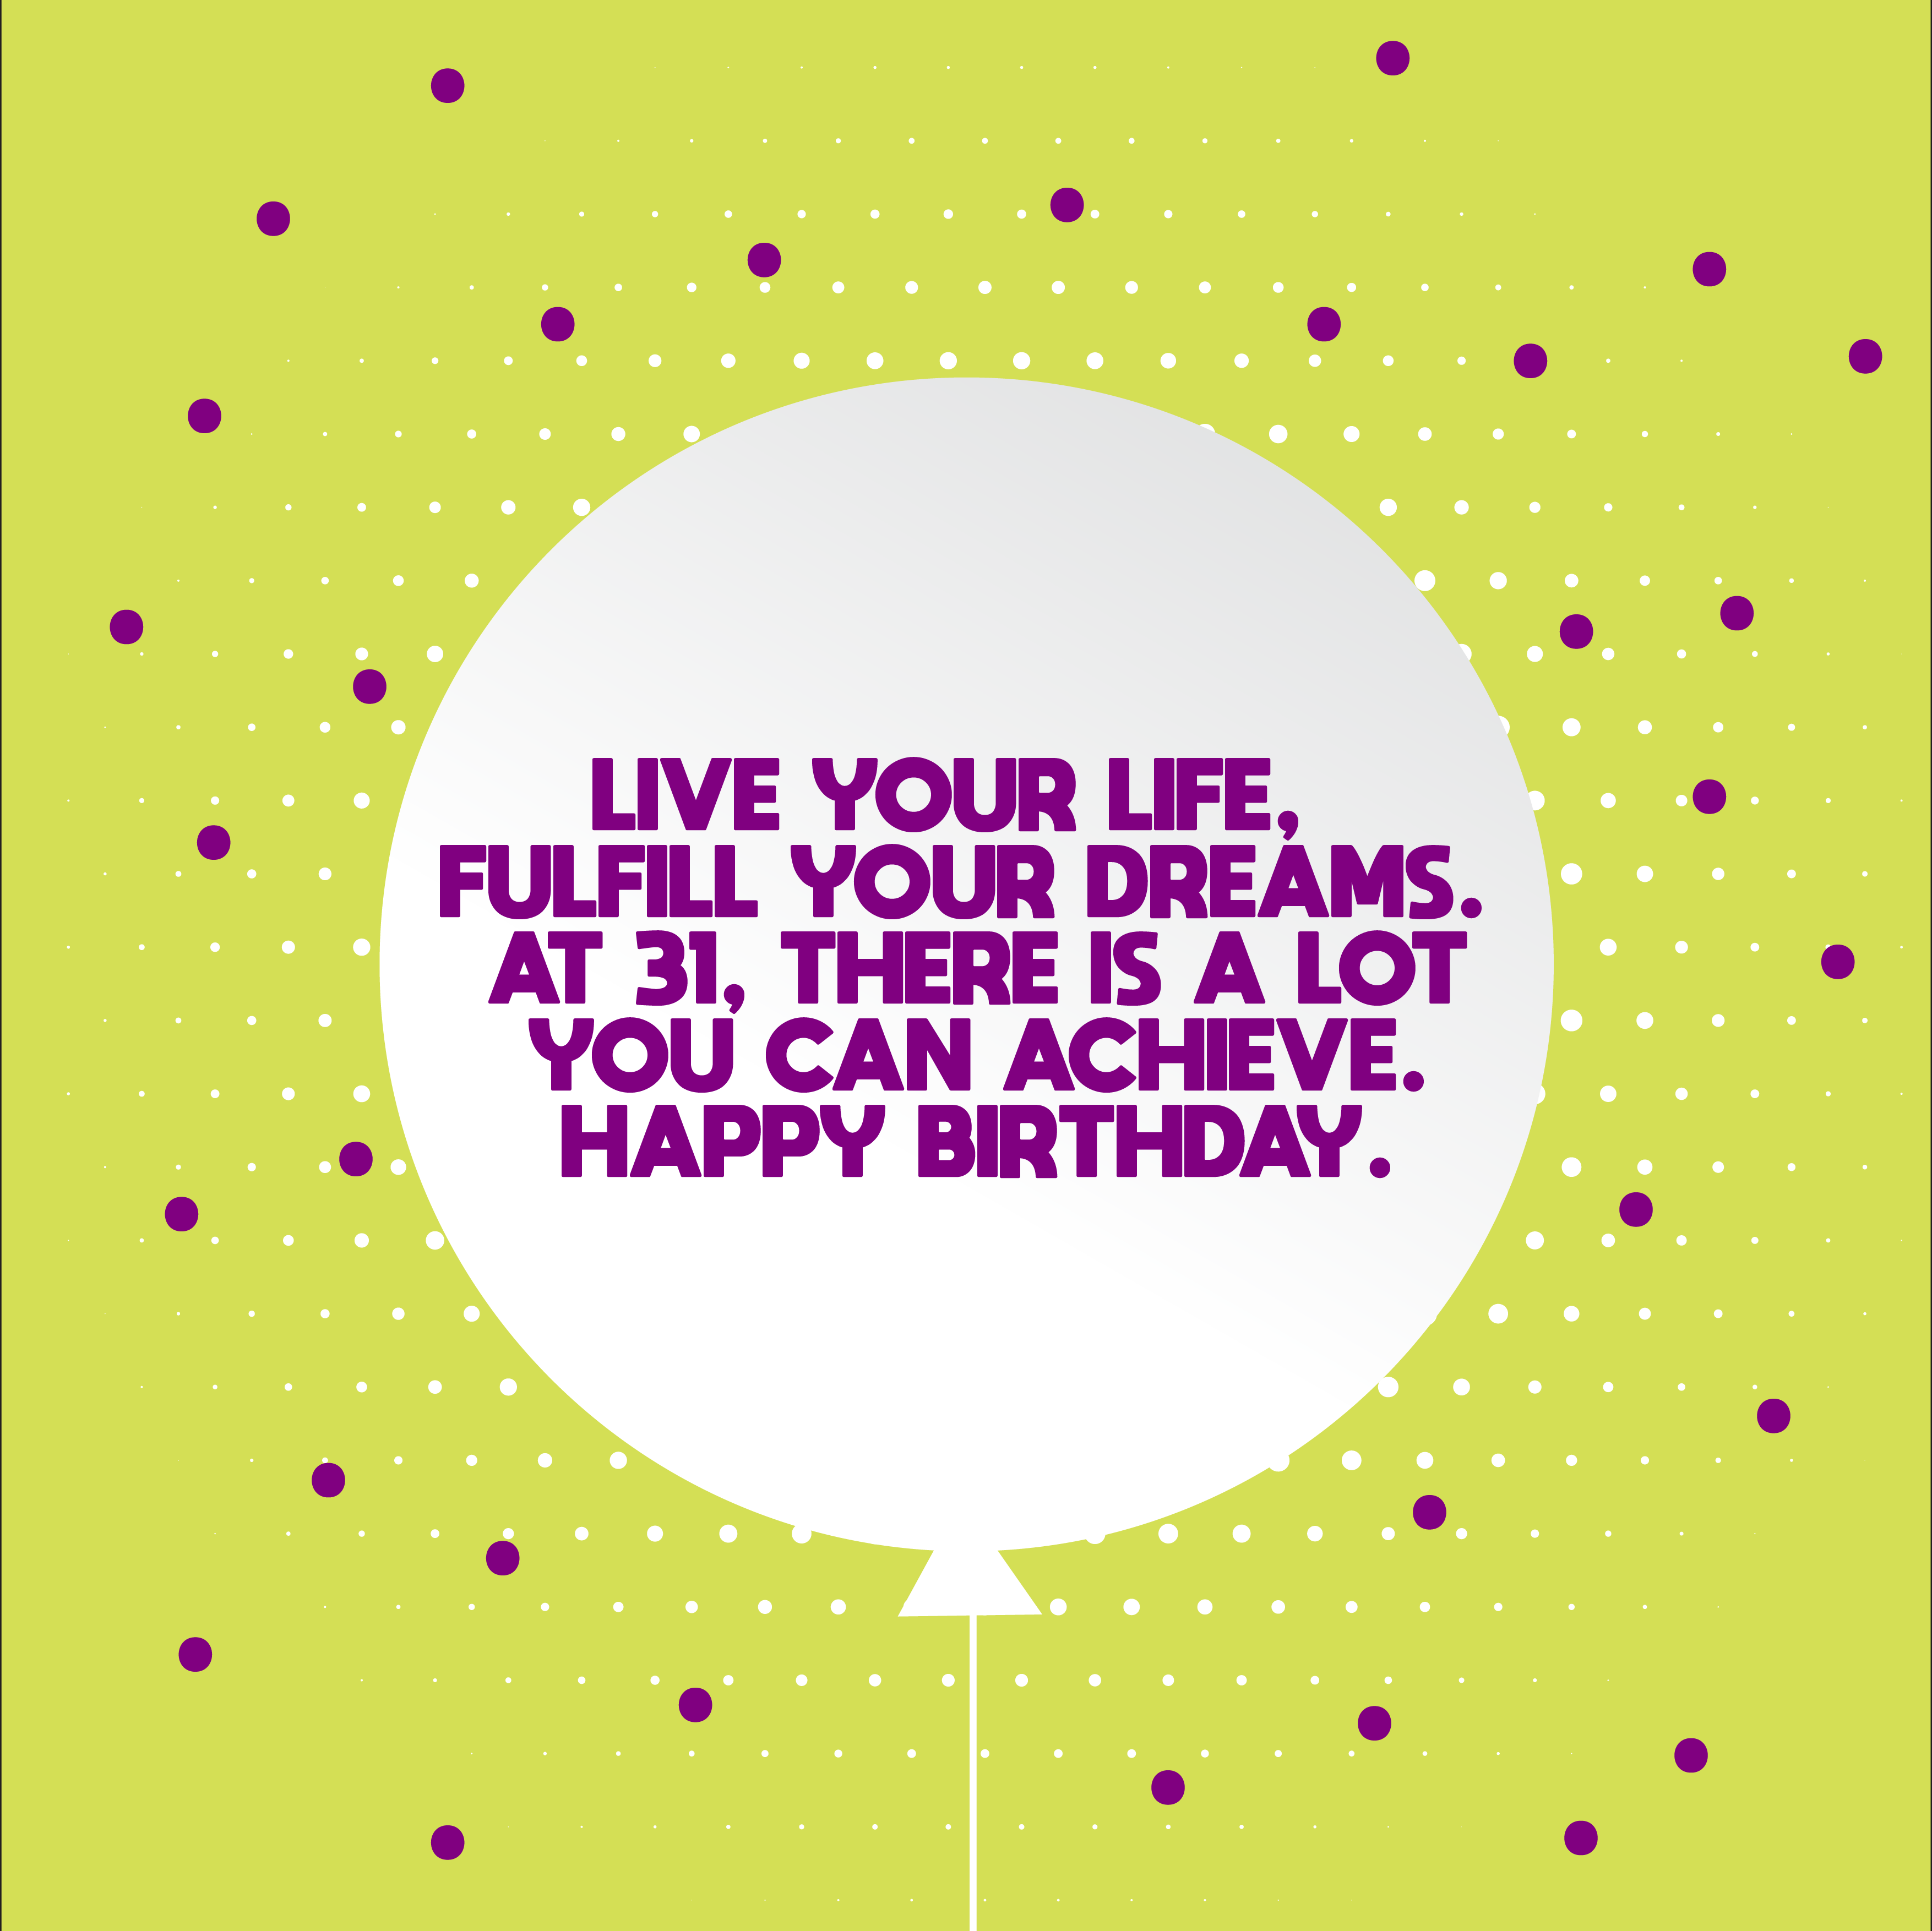 happy-31st-birthday-wishes-07